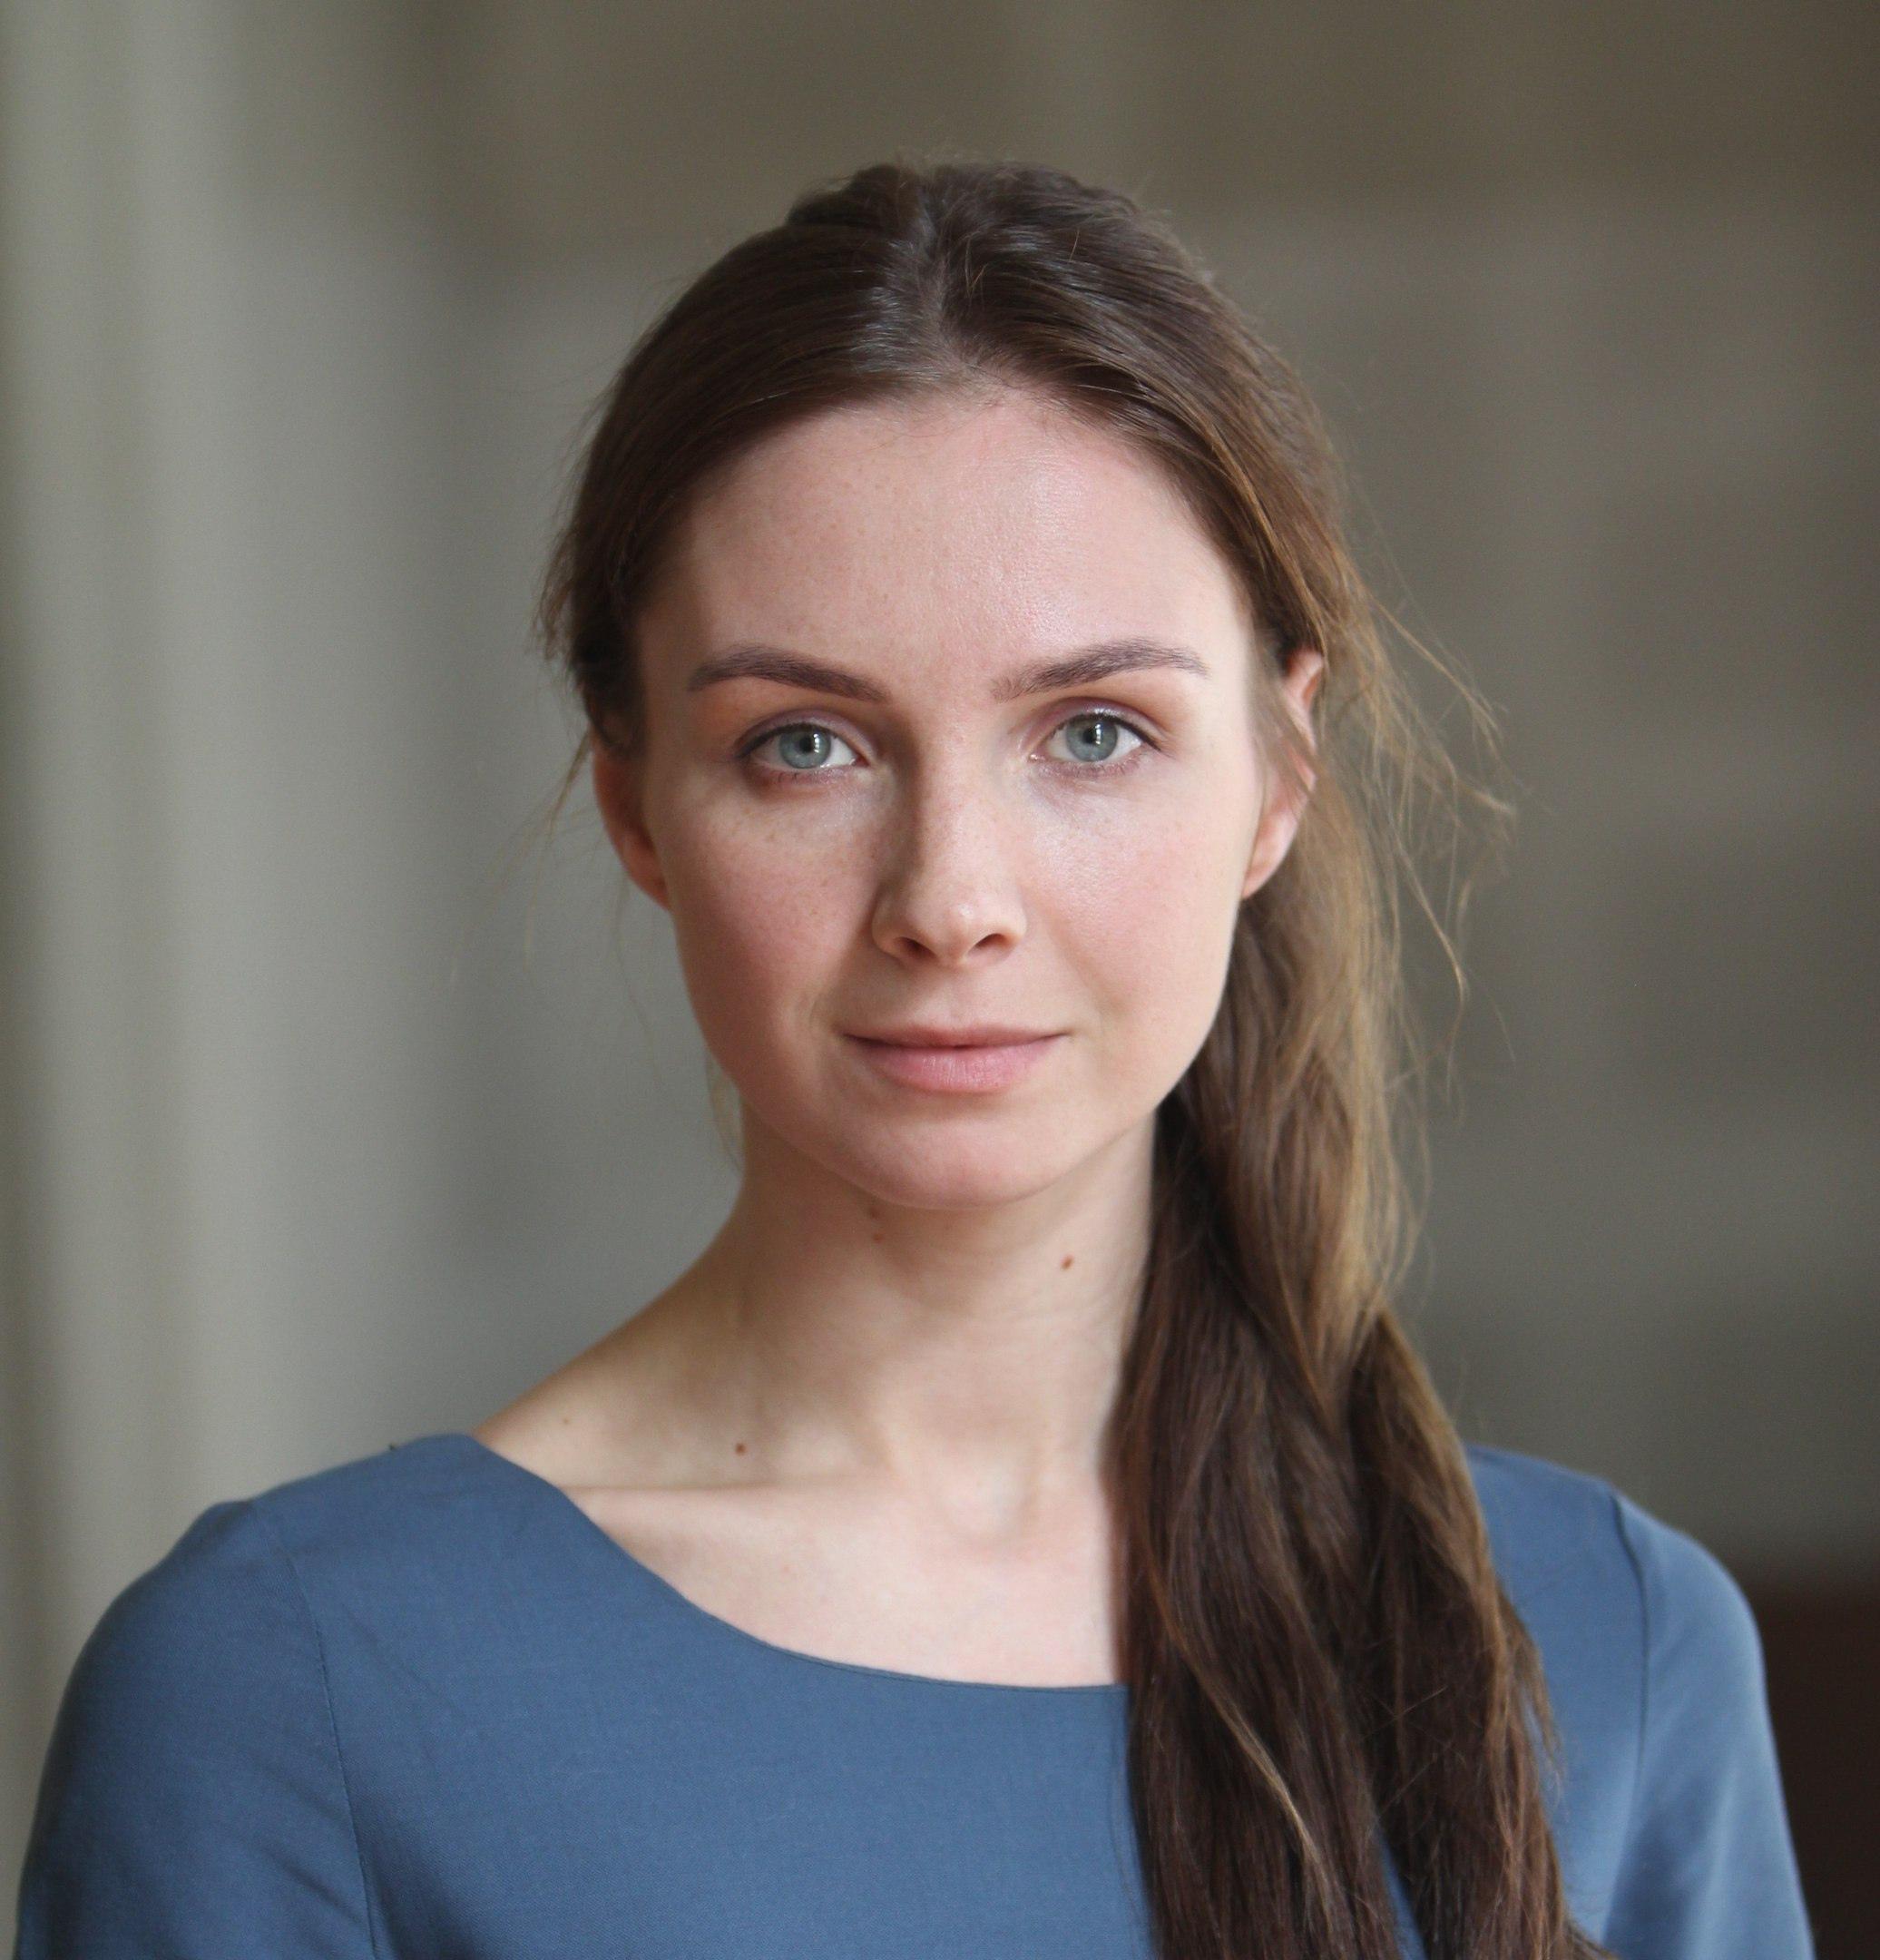 Сегодня свой день рождения отмечает Радевич Елена Леонидовна.